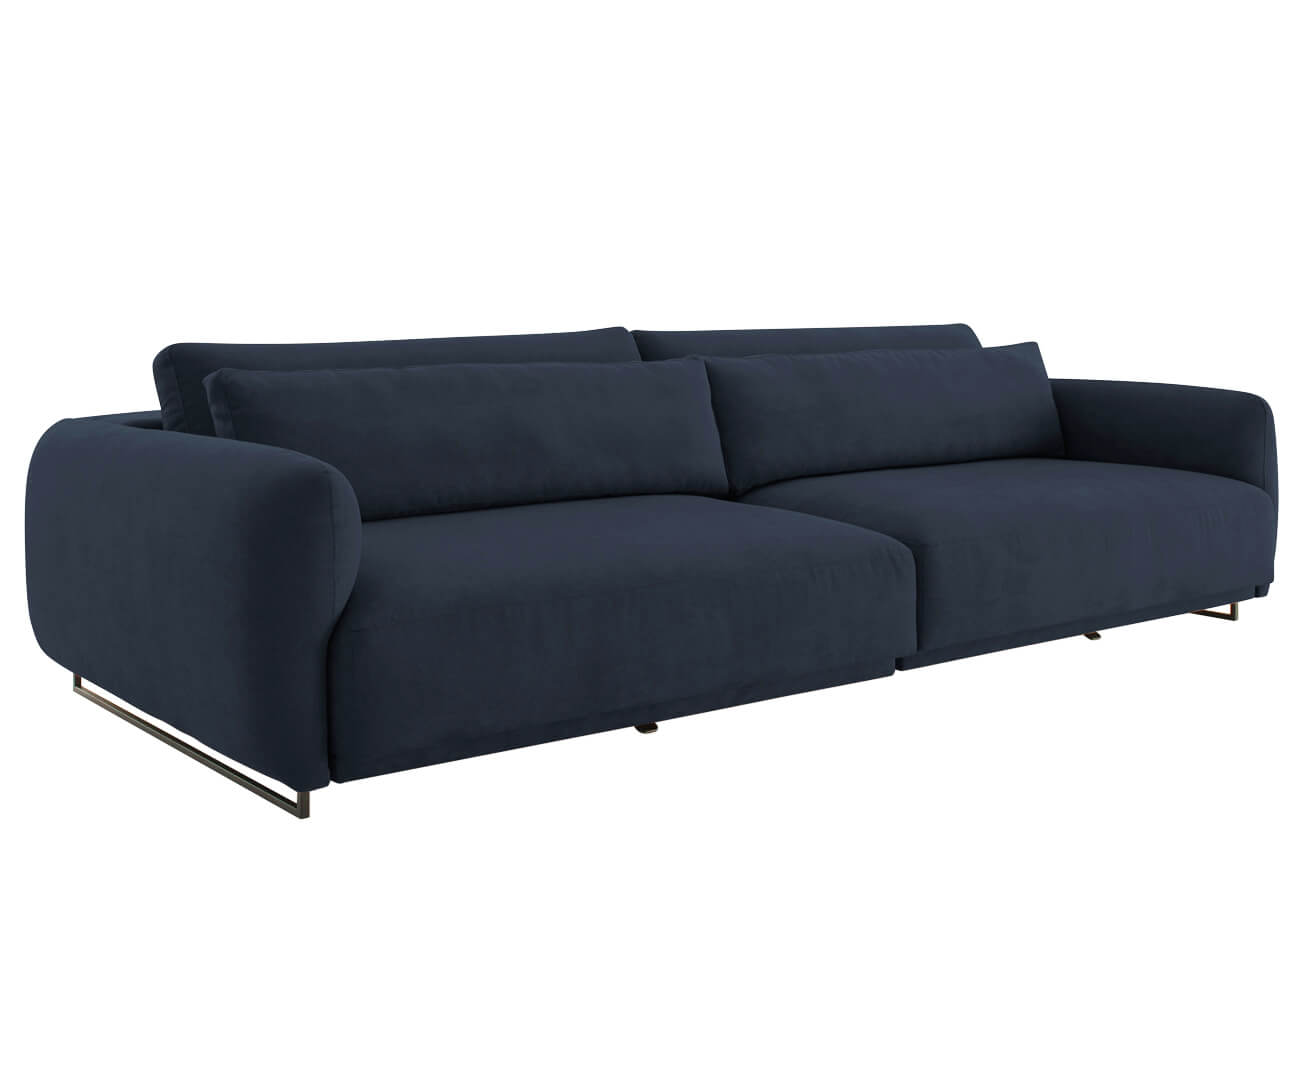 sofá retrátil em molas 3 lugares upper 1382